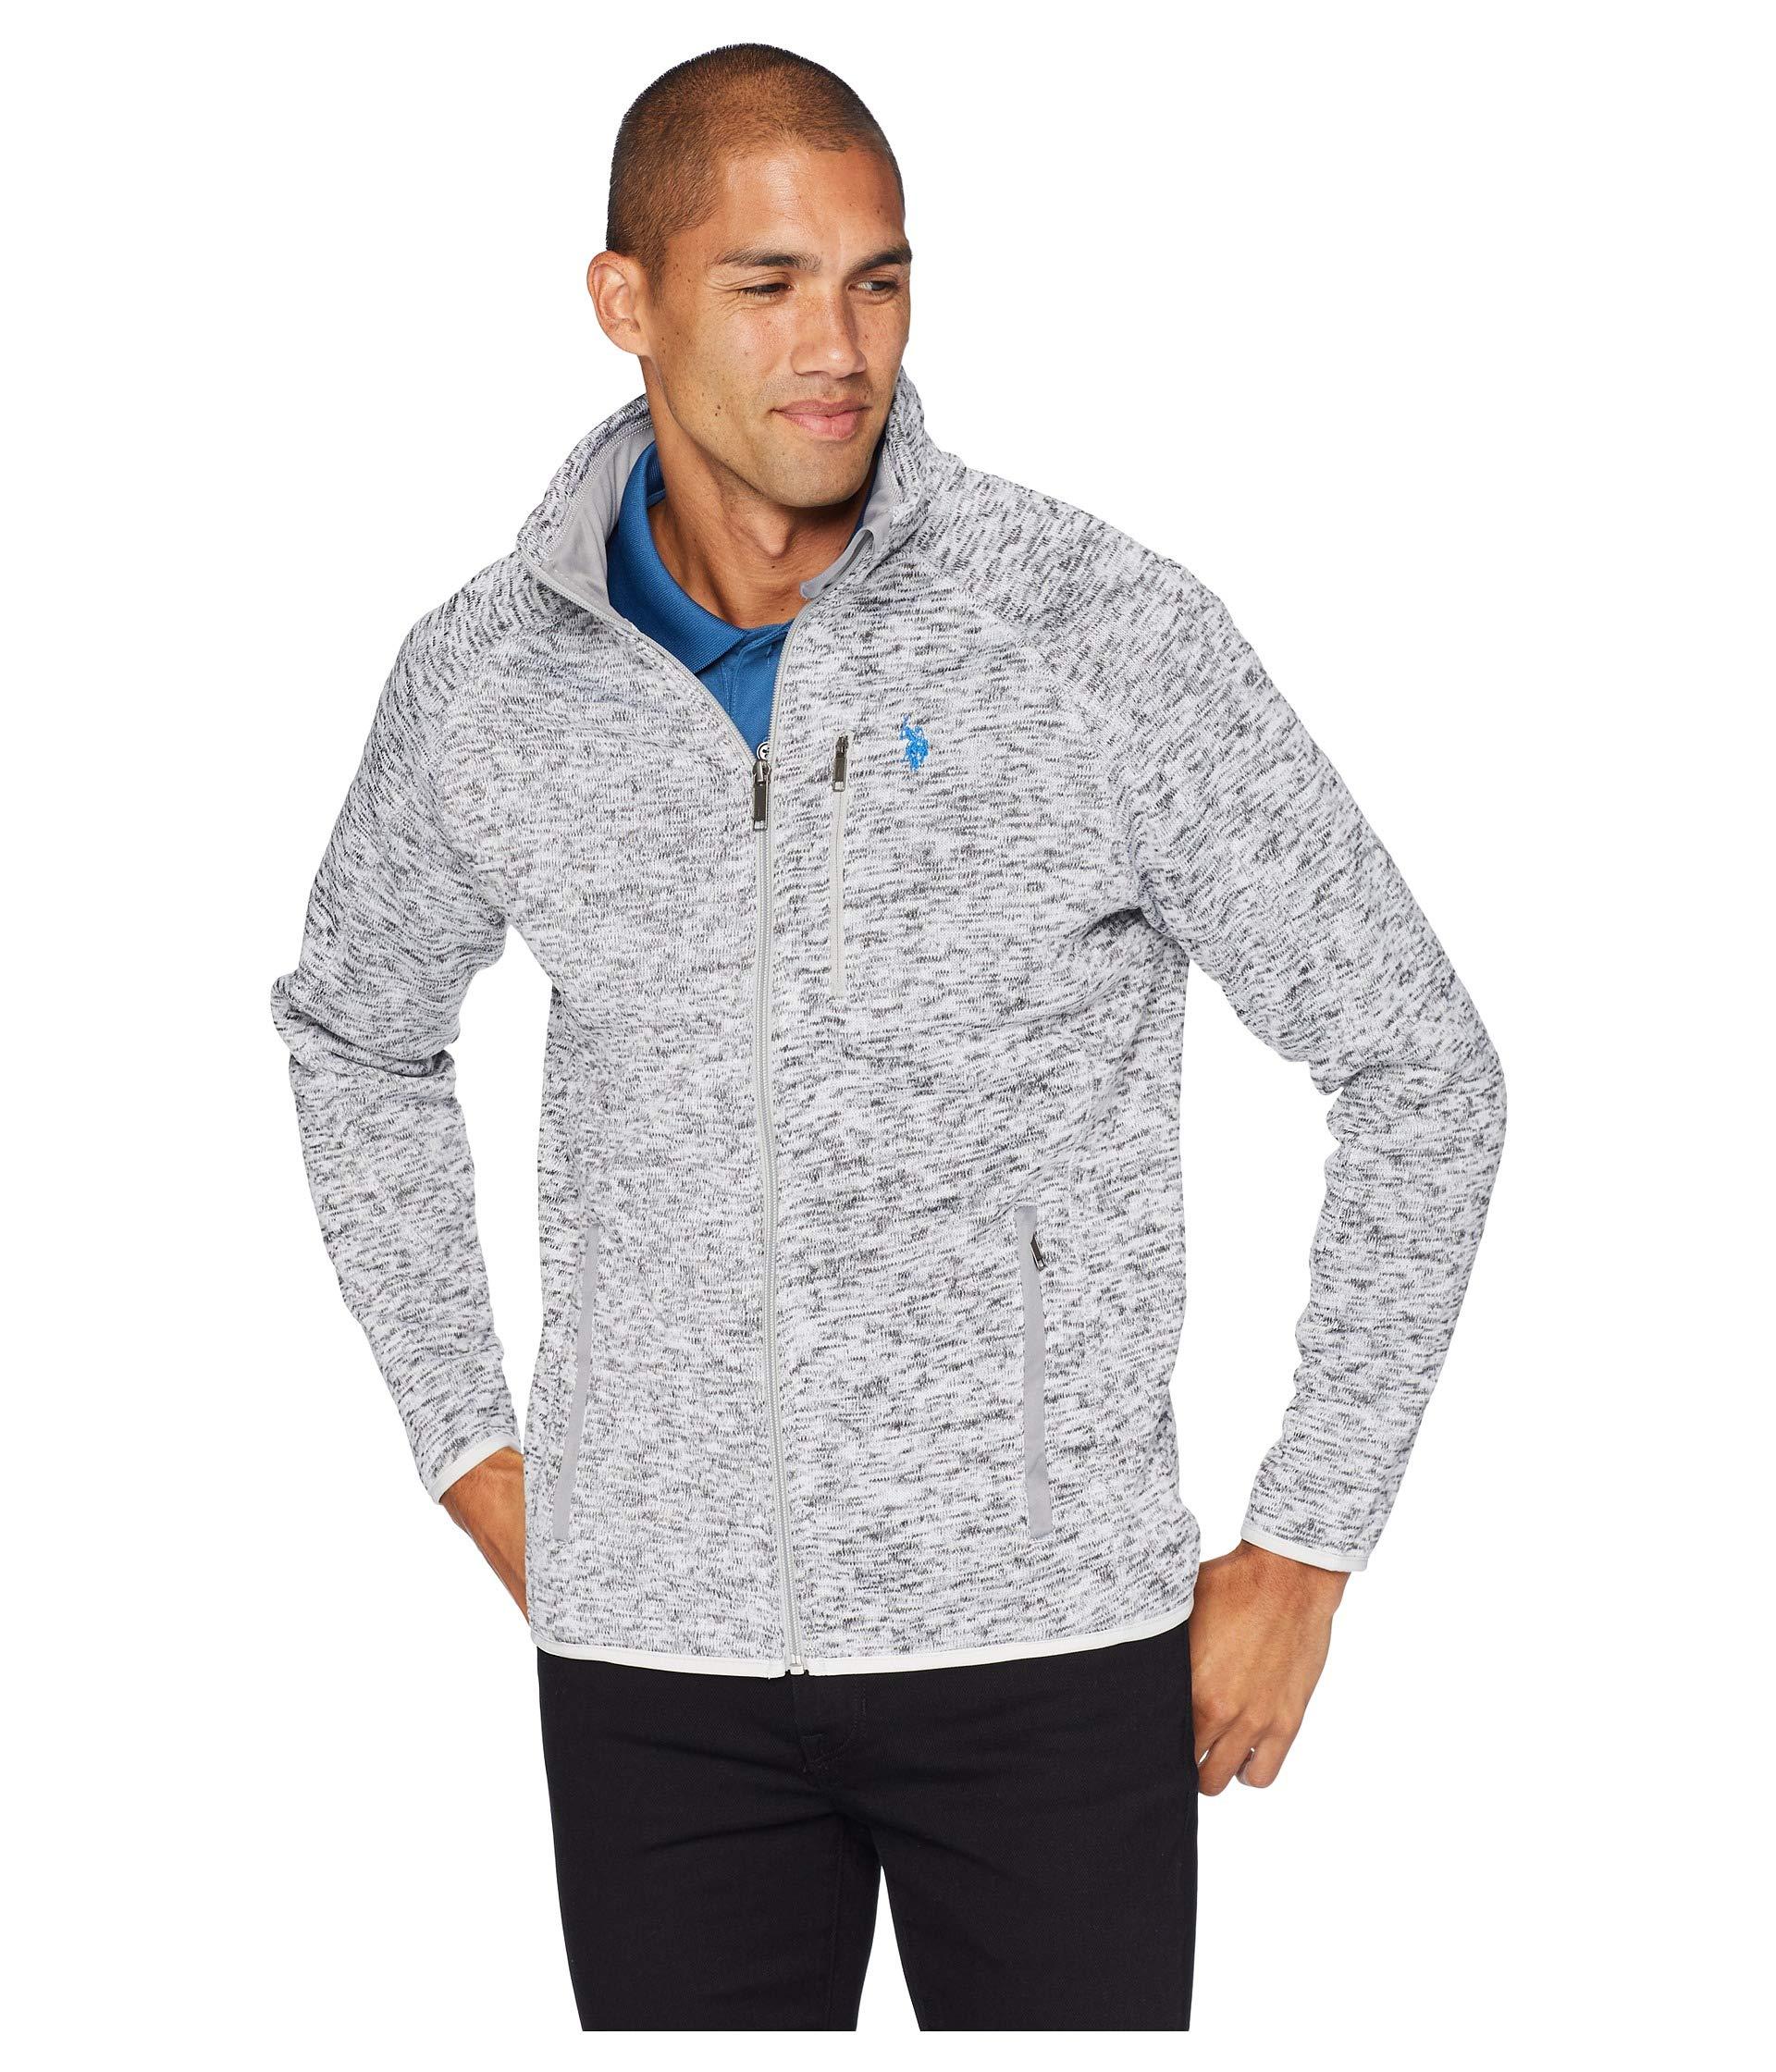 Sueter para Hombre U.S. POLO ASSN. Sweater Fleece  + U.S. POLO ASSN. en VeoyCompro.net